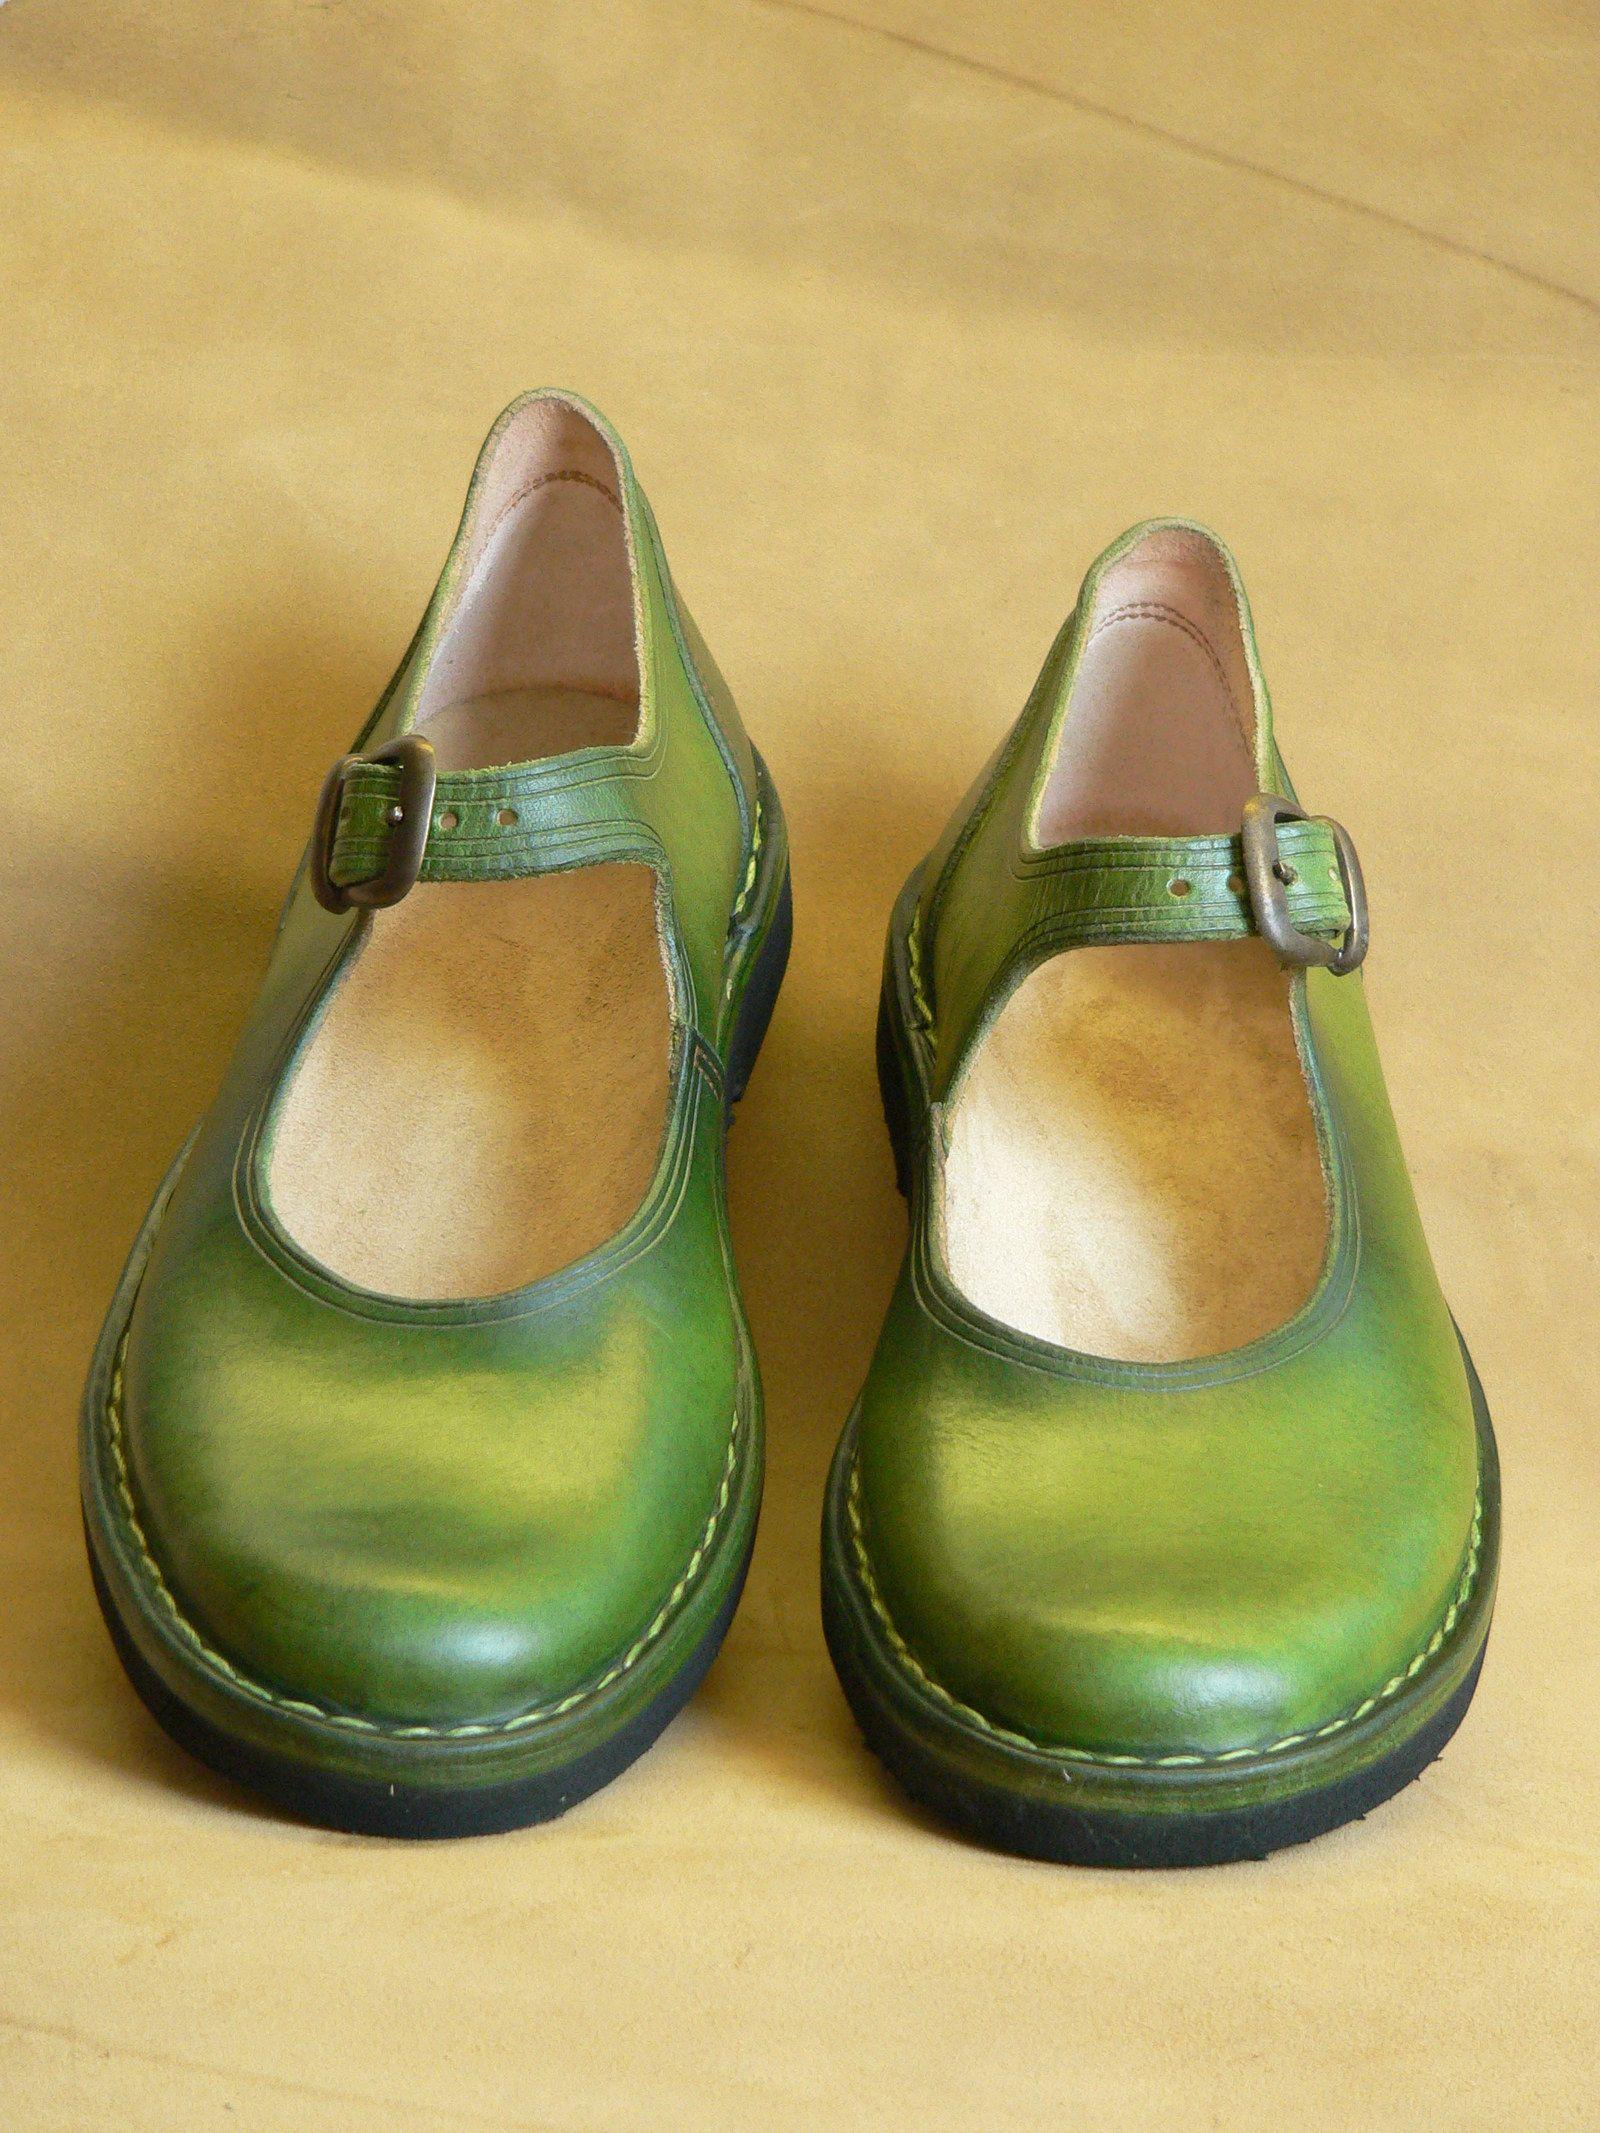 Holčičky  Z mechu a kapradí Pohodlné ručně šité kožené boty. Letní dámská  obuv svěží 2398b0be08